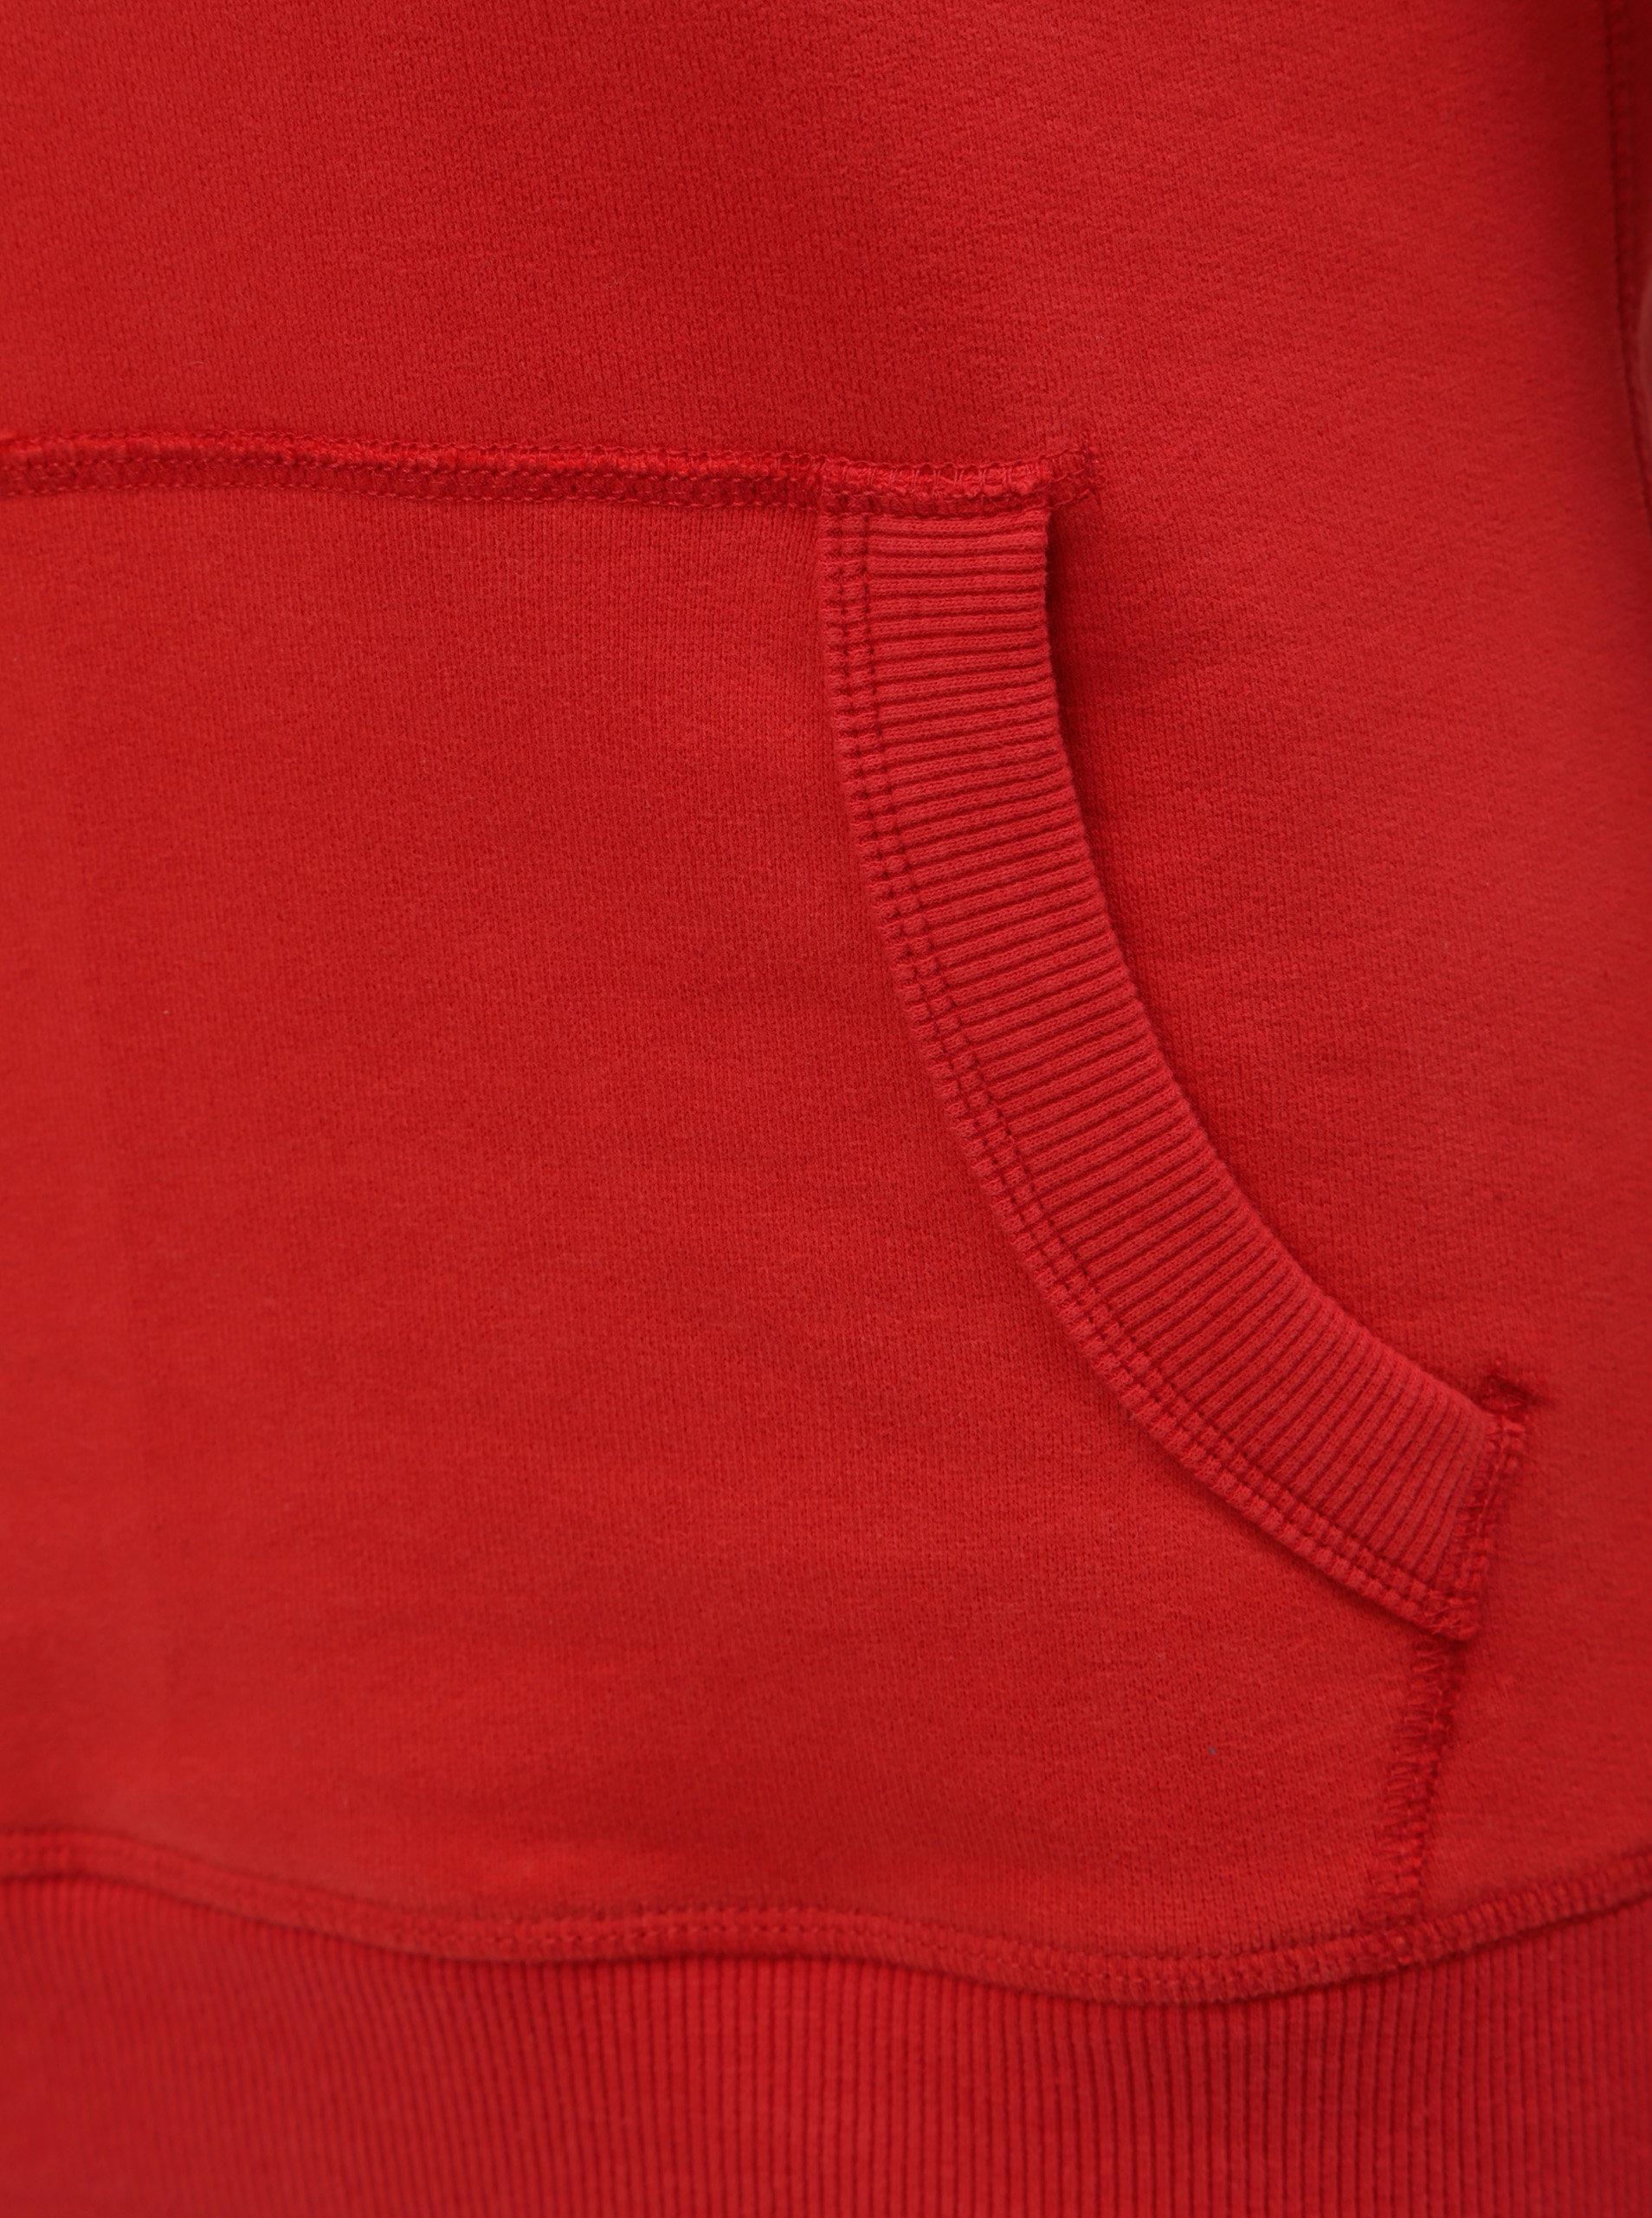 Modro-červená dámská mikina s kapucí Superdry ... 36fcb3a3c9a